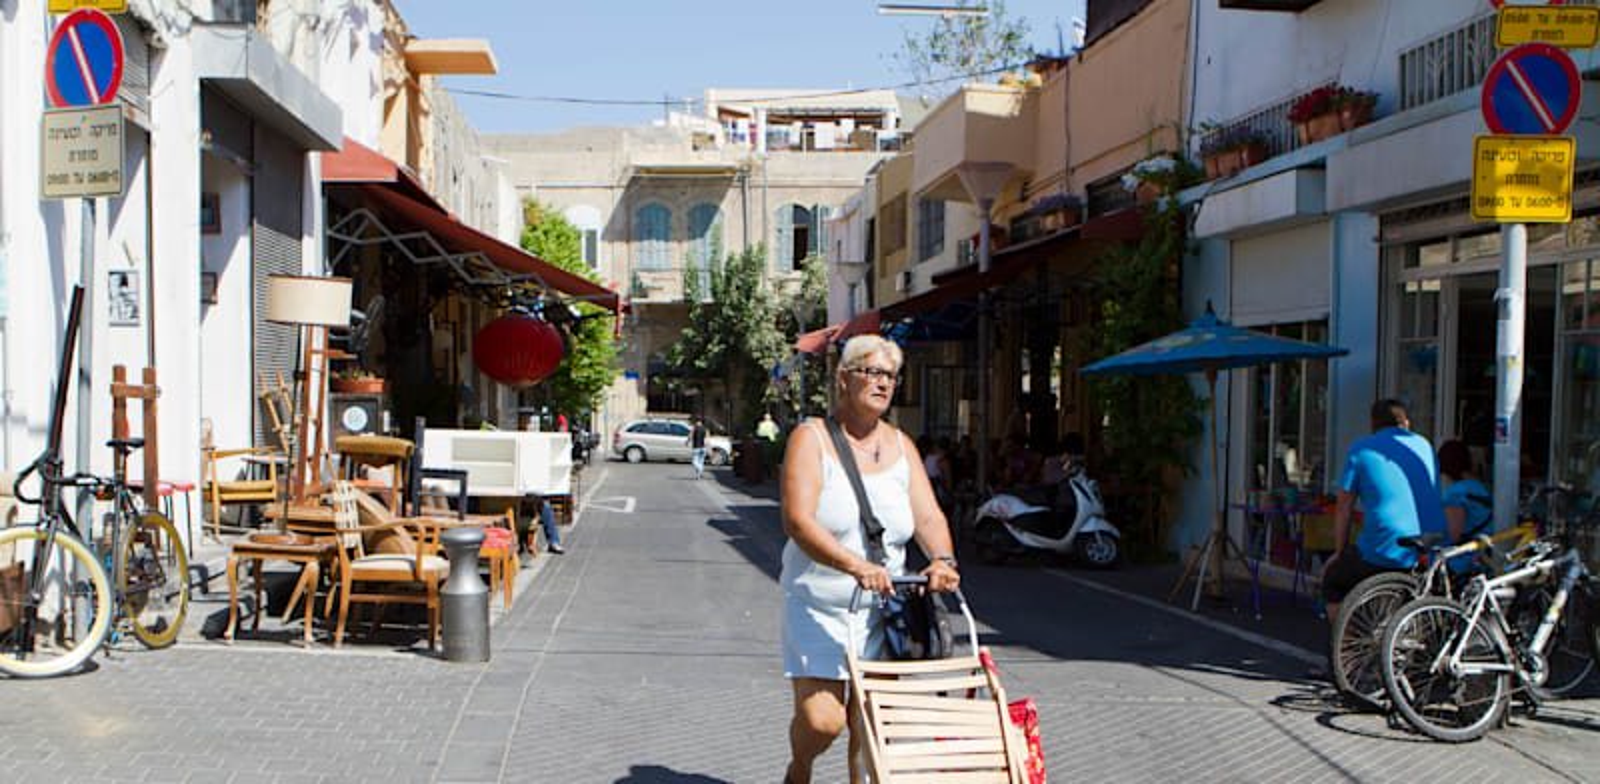 שוק הפשפשים ביפו / צילום: שלומי יוסף